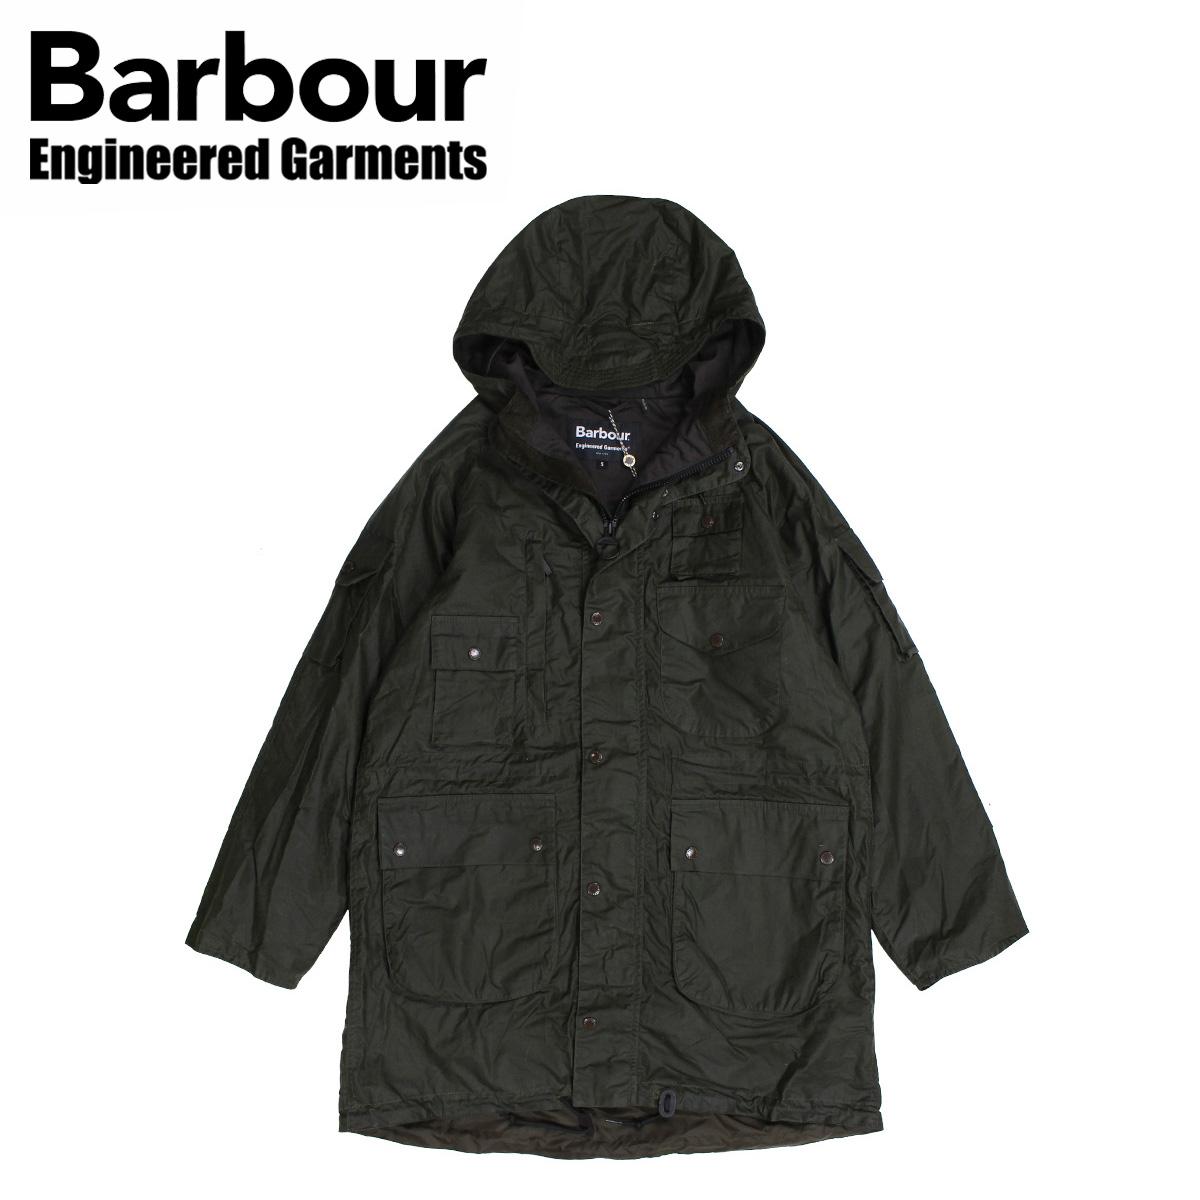 Barbour バブアー ジャケット ワックス メンズ ジップ パーカー ZIP PARKA オリーブ MWX1439